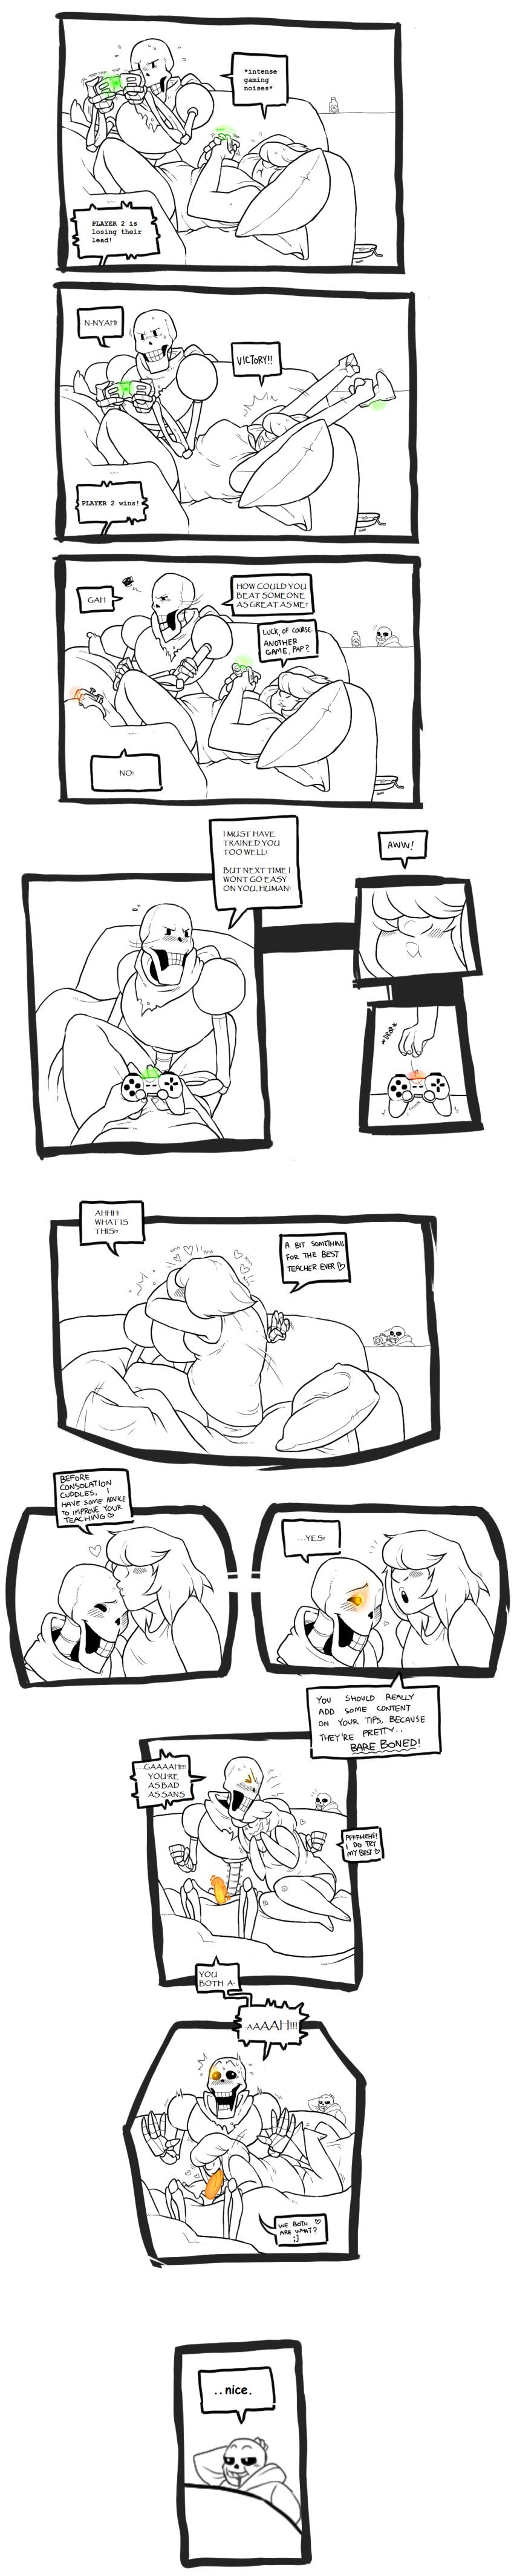 comic x sans sex frisk Sekiro emma the gentle blade